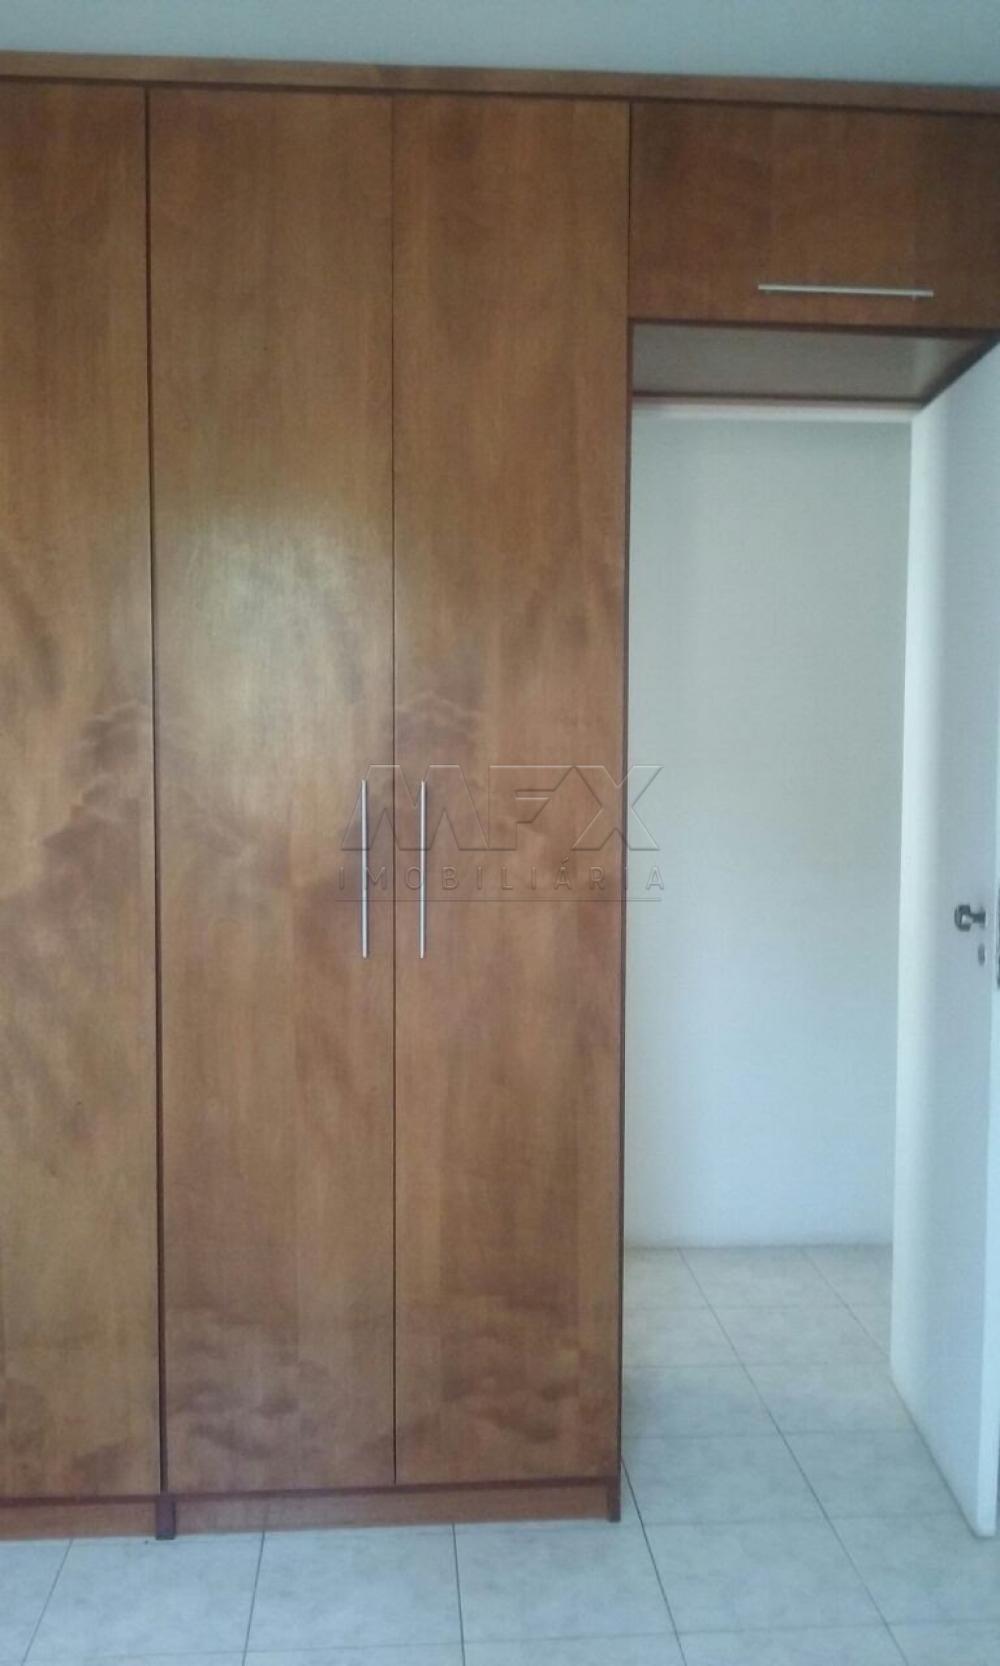 Comprar Apartamento / Padrão em Bauru R$ 130.000,00 - Foto 3